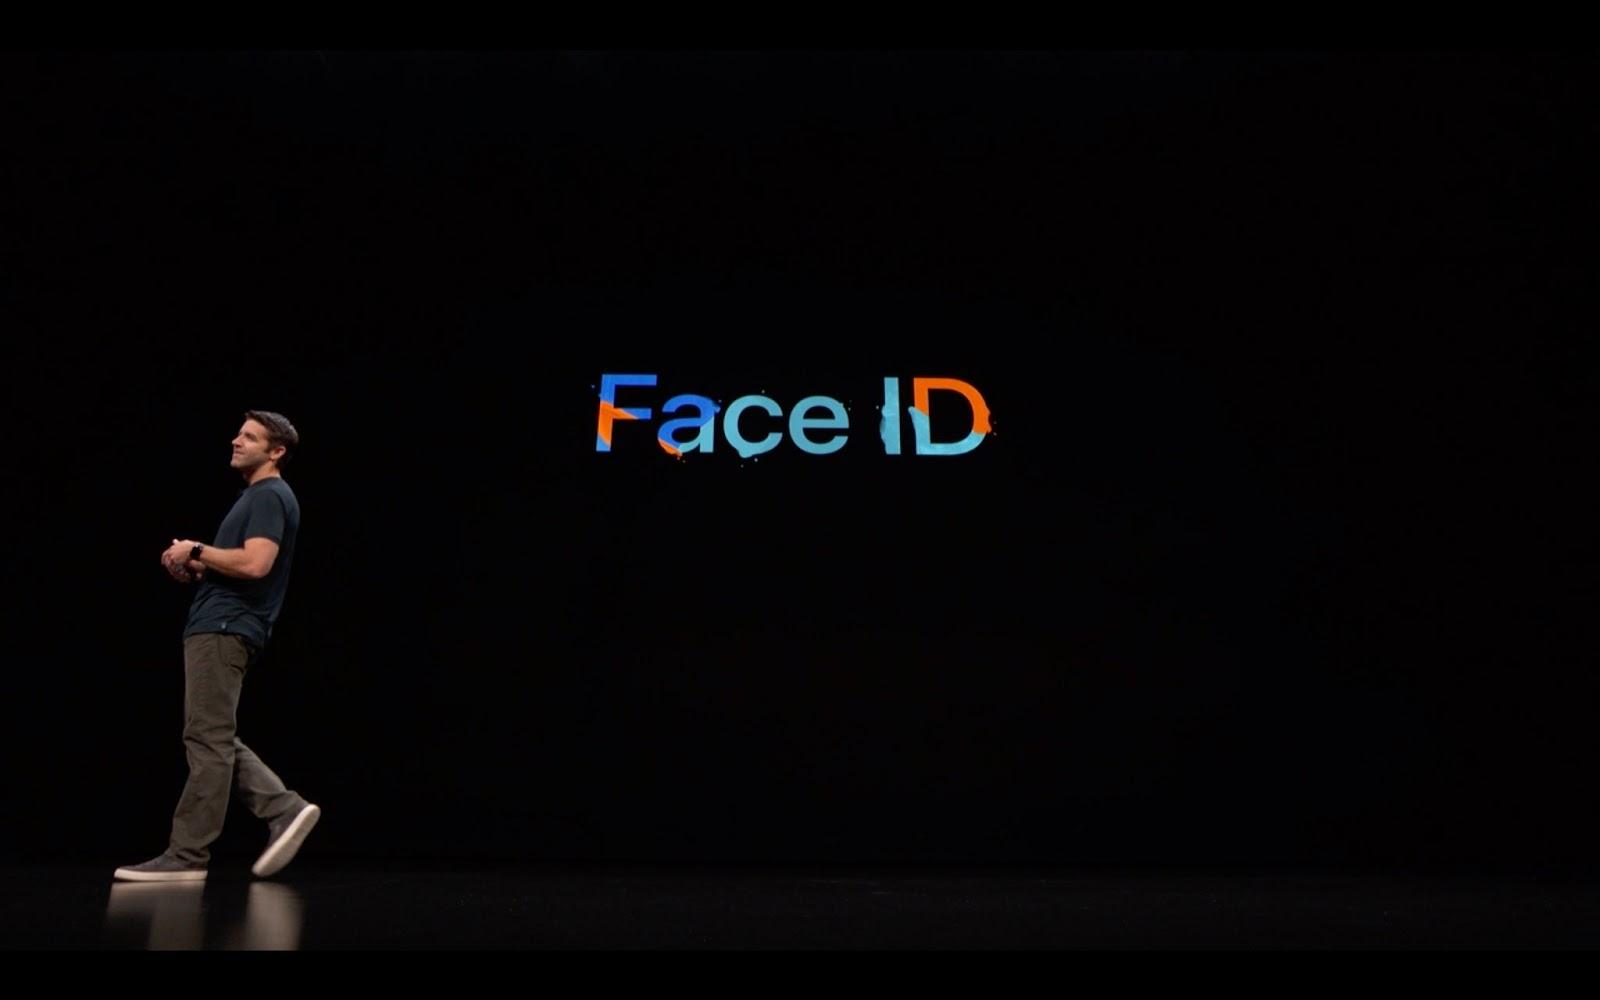 Đang tải iPad_2018-12.jpg…